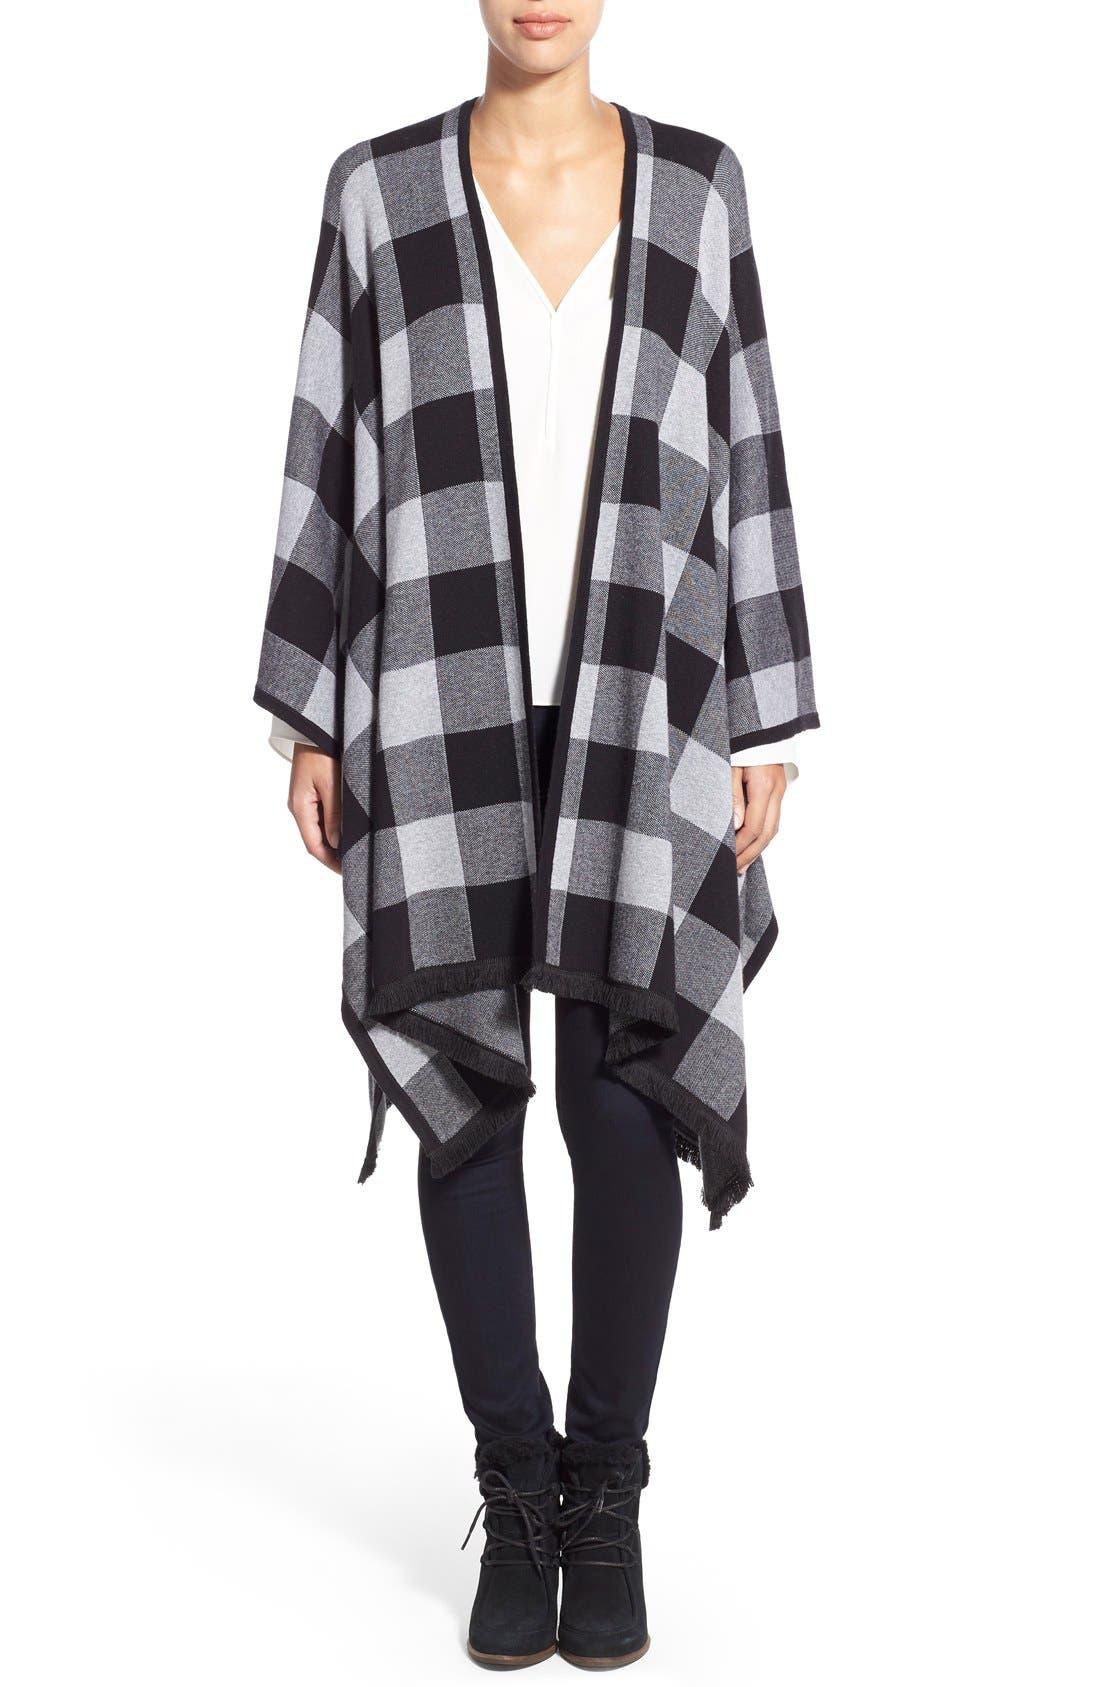 Alternate Image 1 Selected - kensie Check Plaid Blanket Cardigan